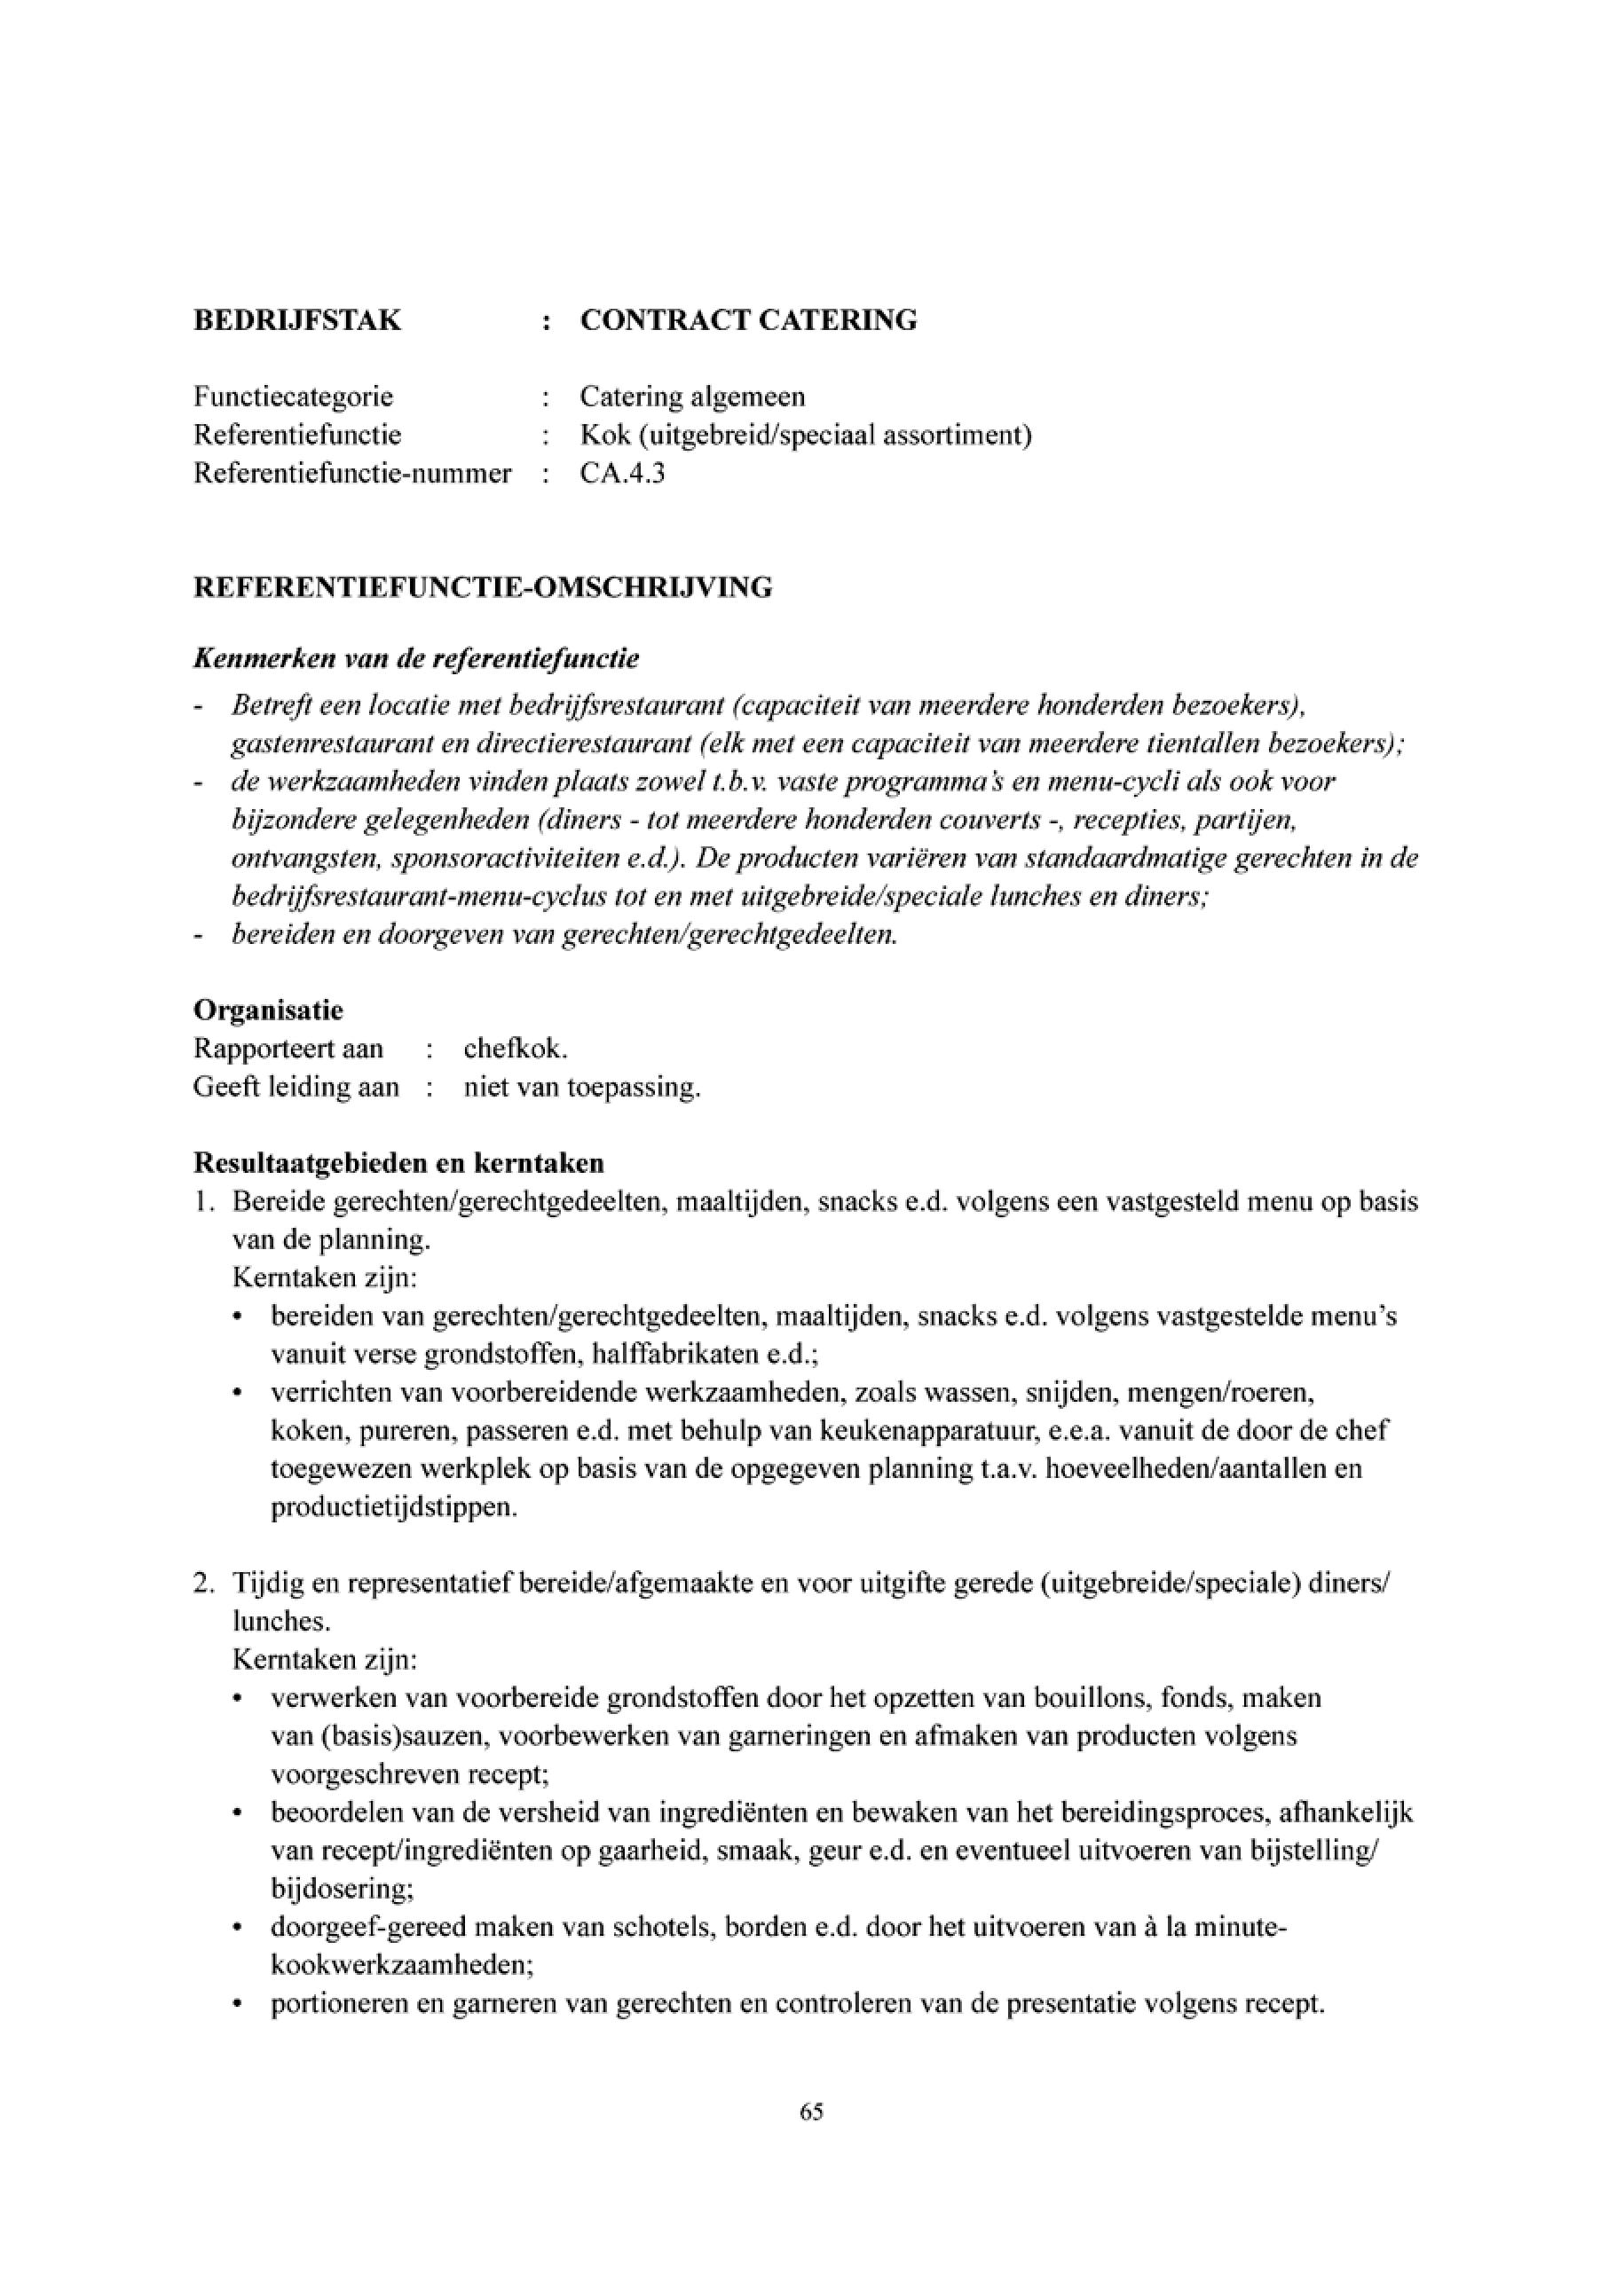 loonsverhoging vragen voorbeeldbrief Contractcateringbranche 2012/2017 loonsverhoging vragen voorbeeldbrief